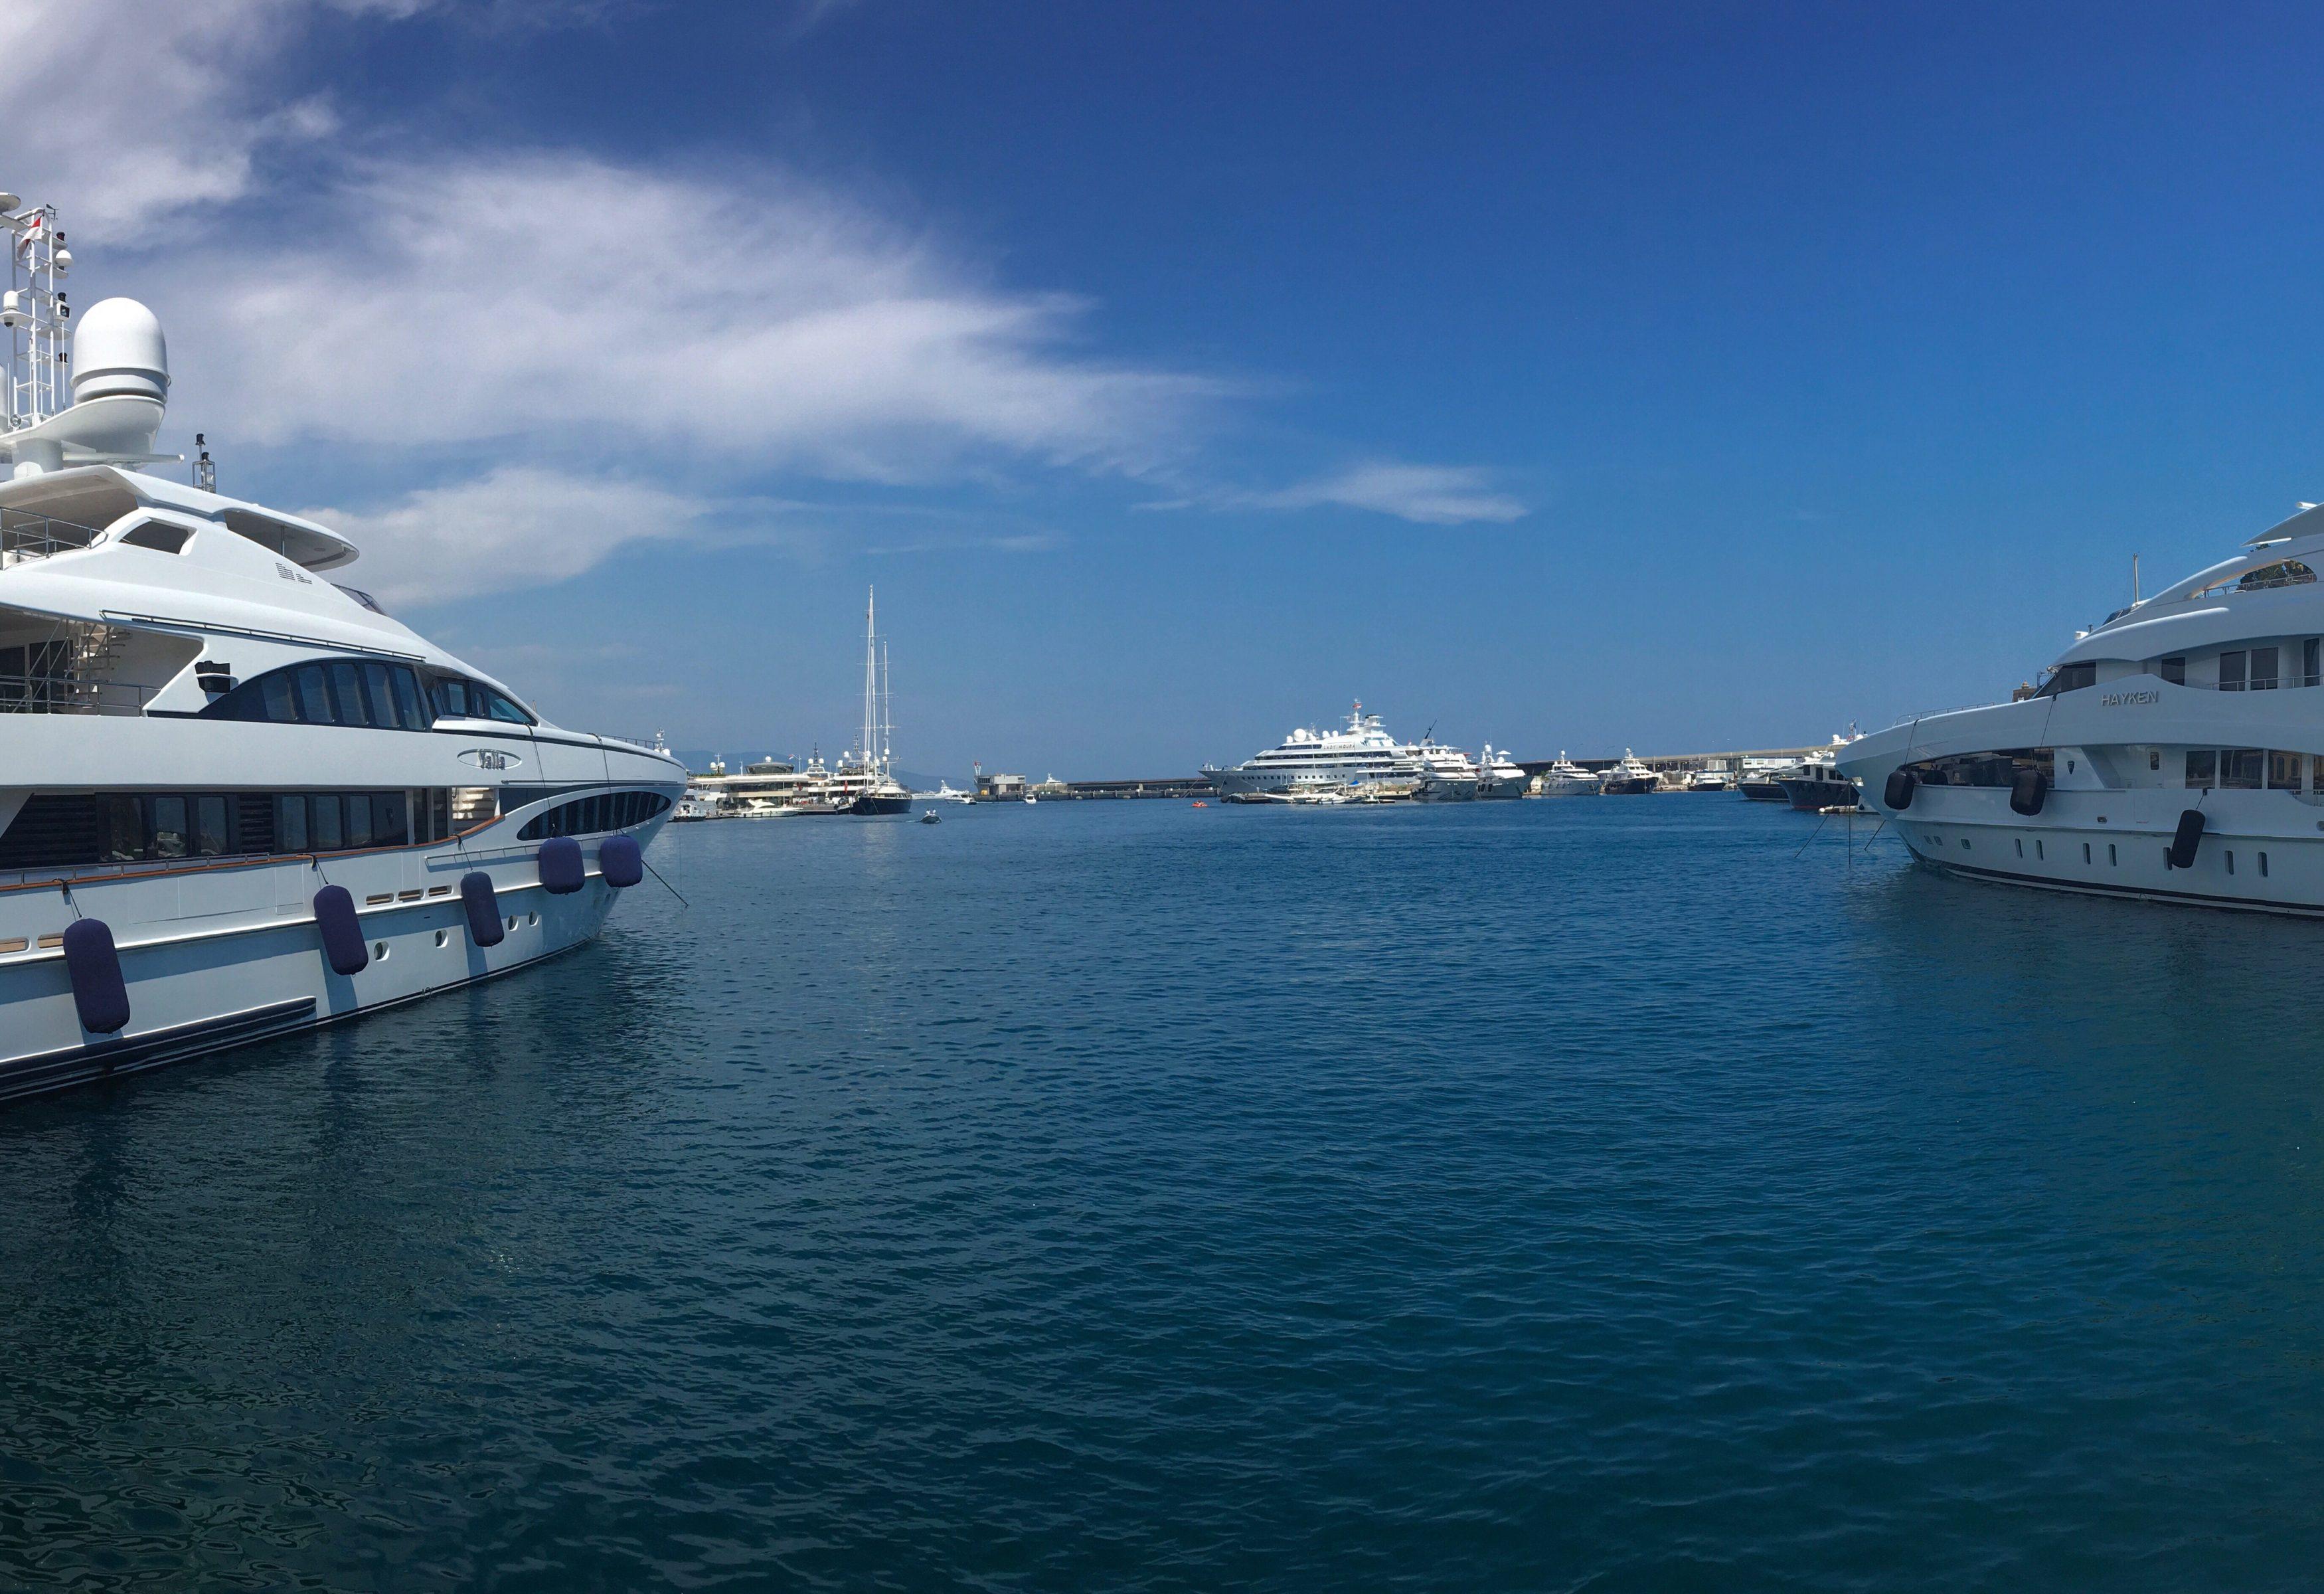 monaco-yacht-une-semaine-a-nice-blog-voyage-les-ptits-touristes